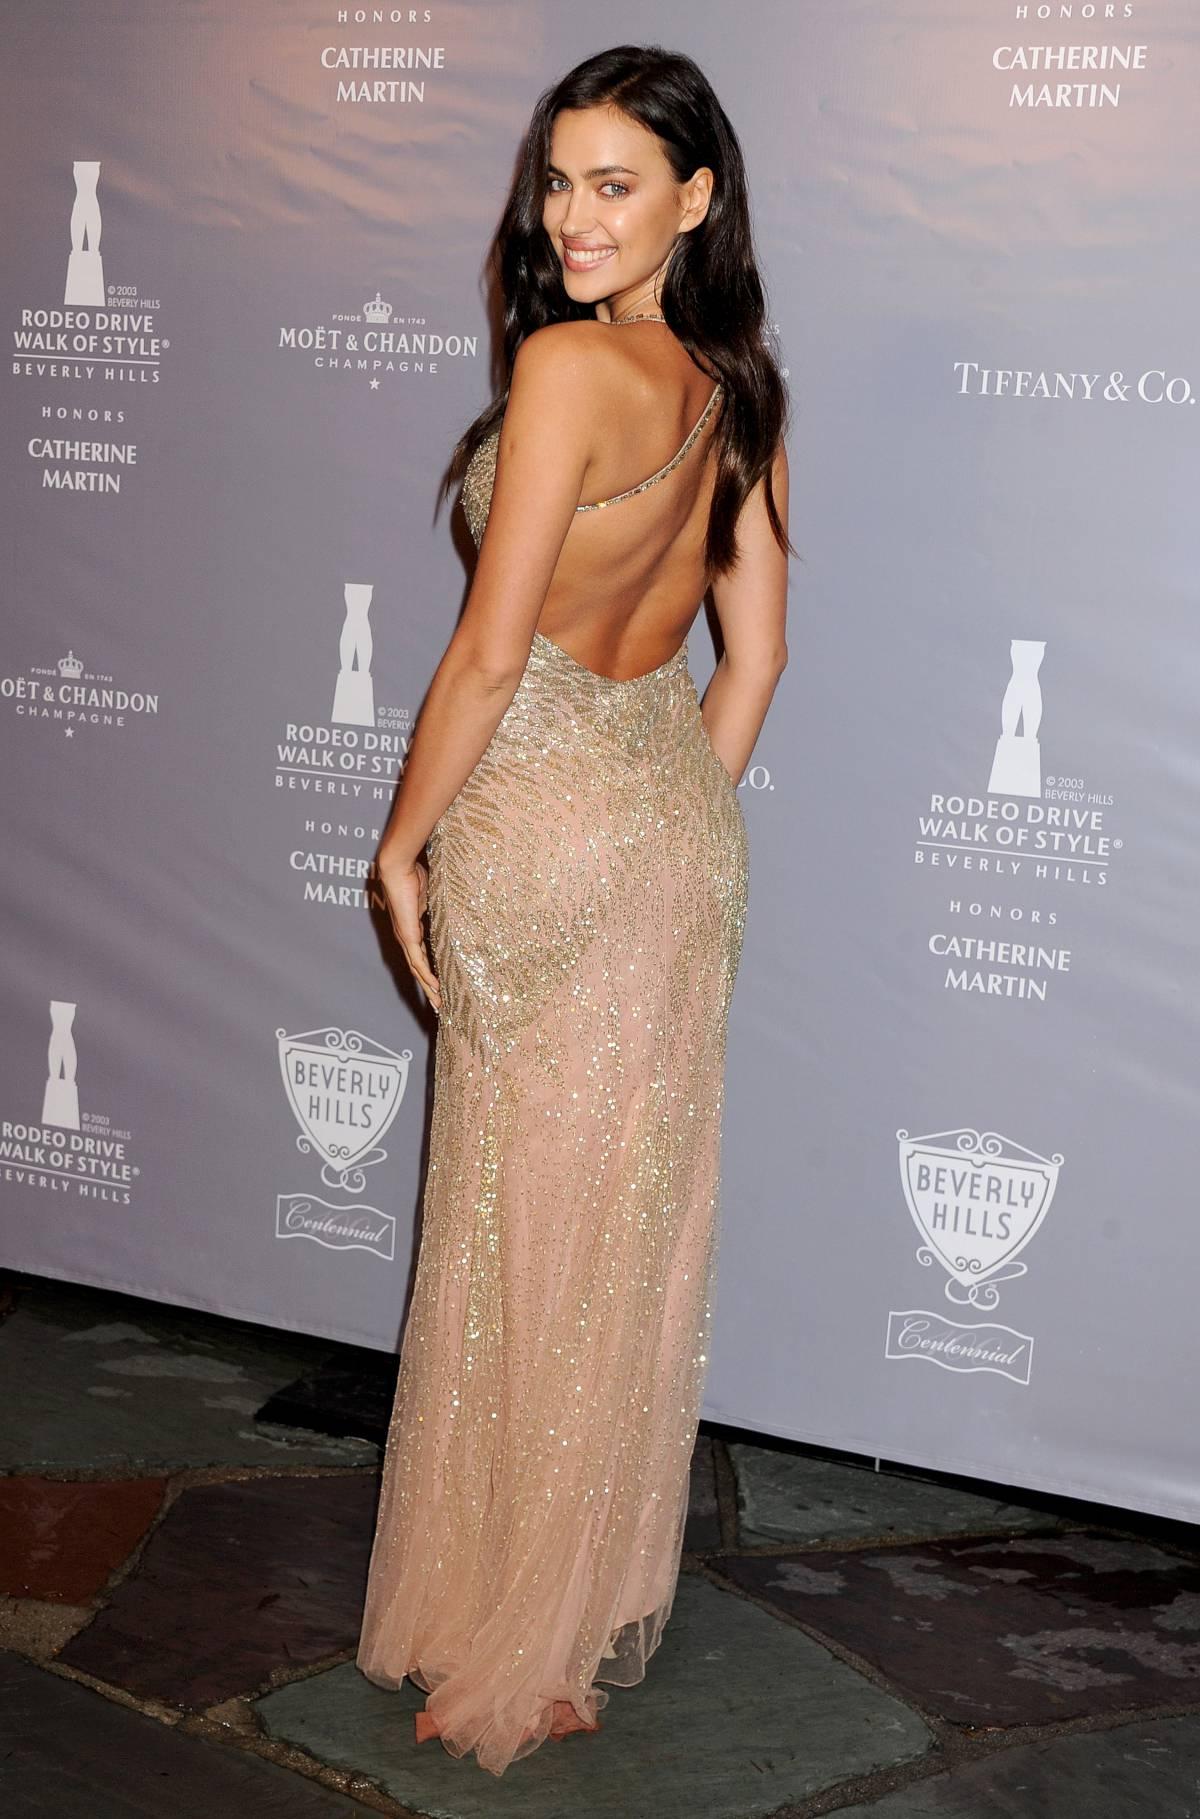 Ирина Шейк в золотом платье с декольте и открытой спиной, расшитом бисером